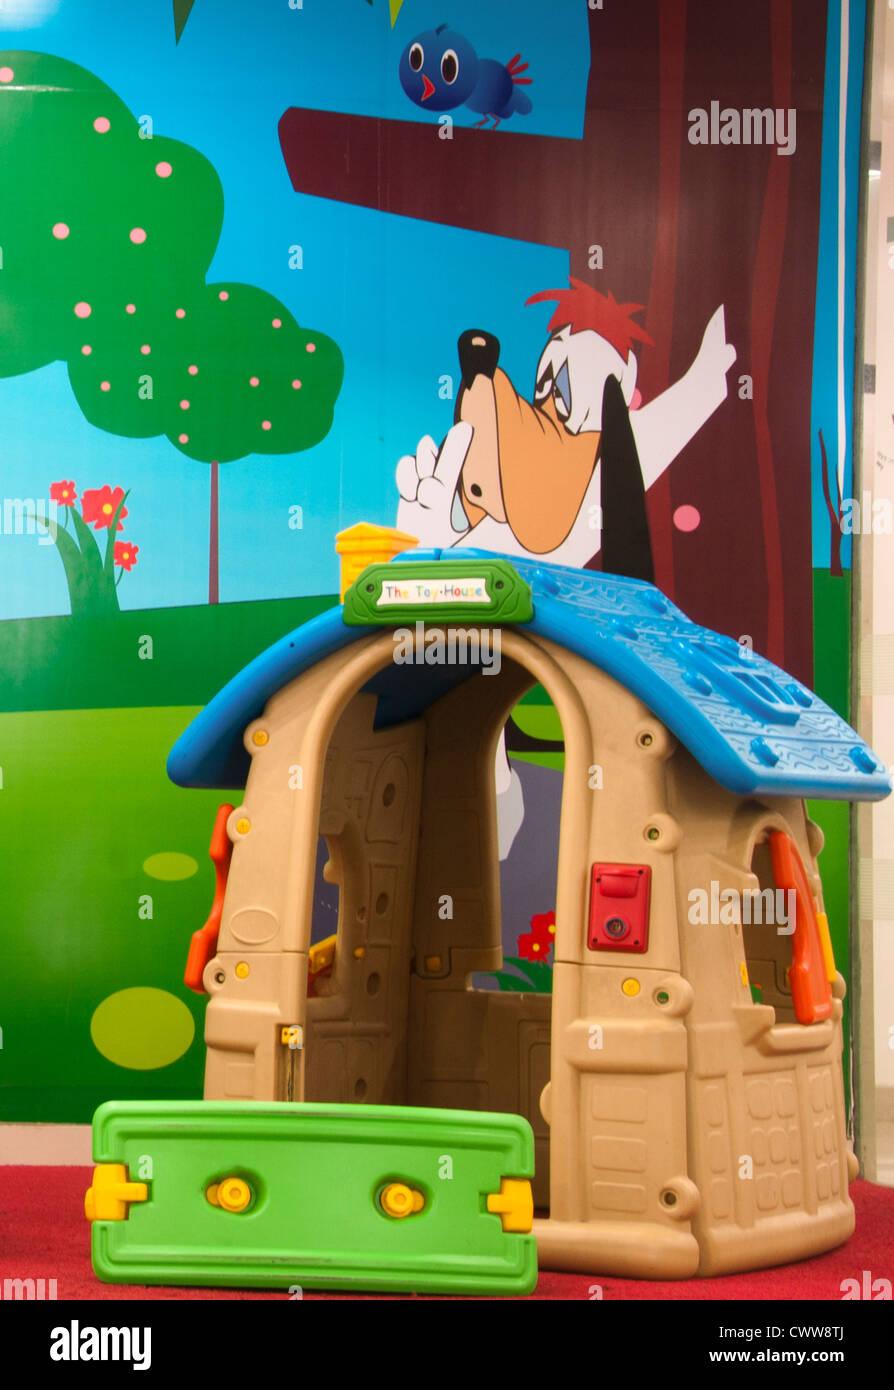 Casa de juguete y deslizar en una guardería, preescolar Imagen De Stock